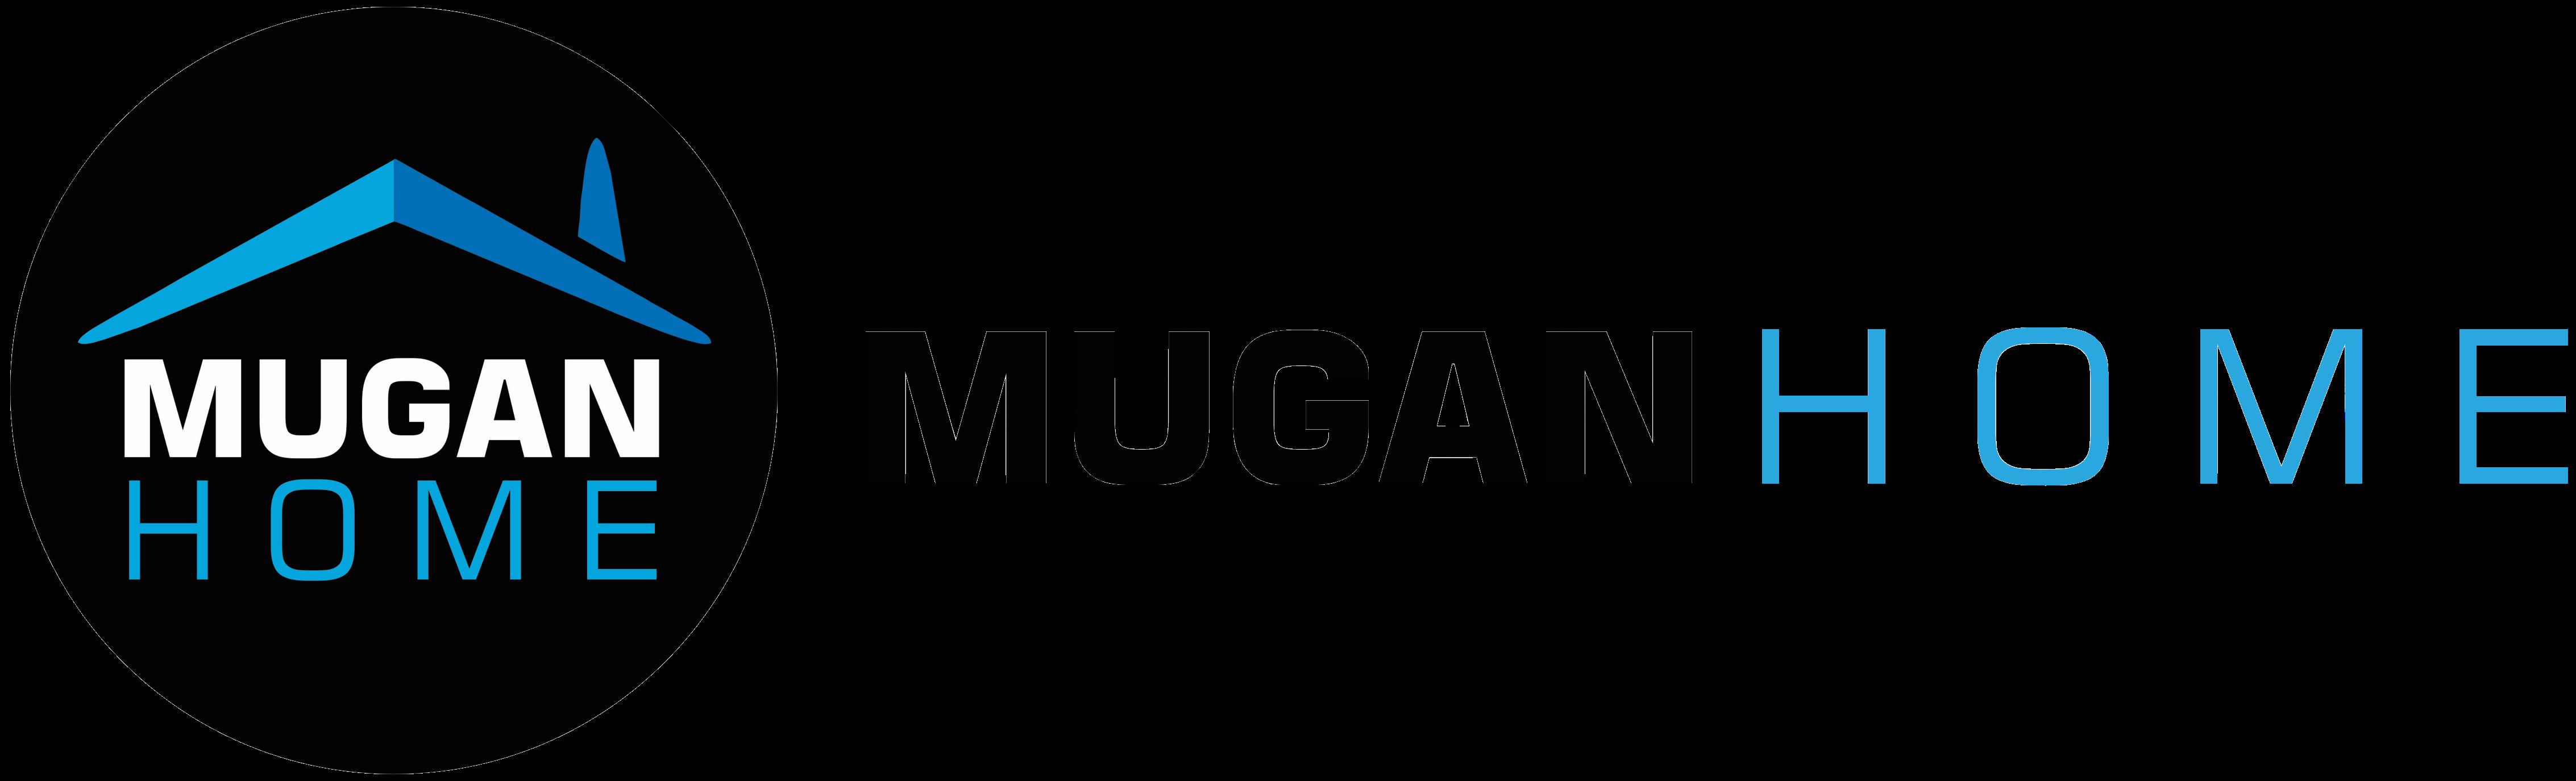 Muganhome